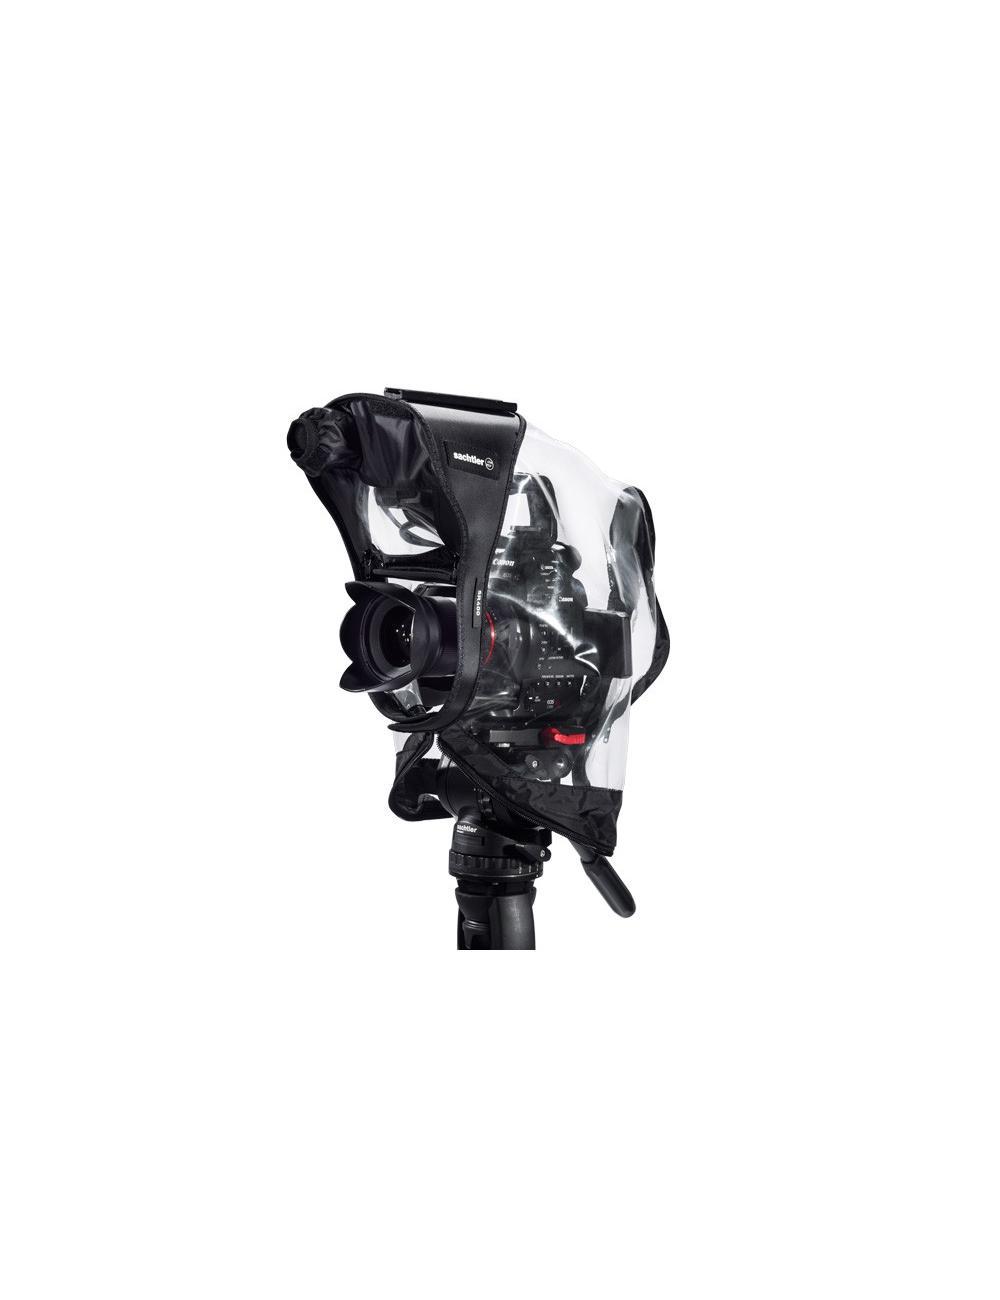 SACHTLER - SR400 - Raincover para Canon EOS C100